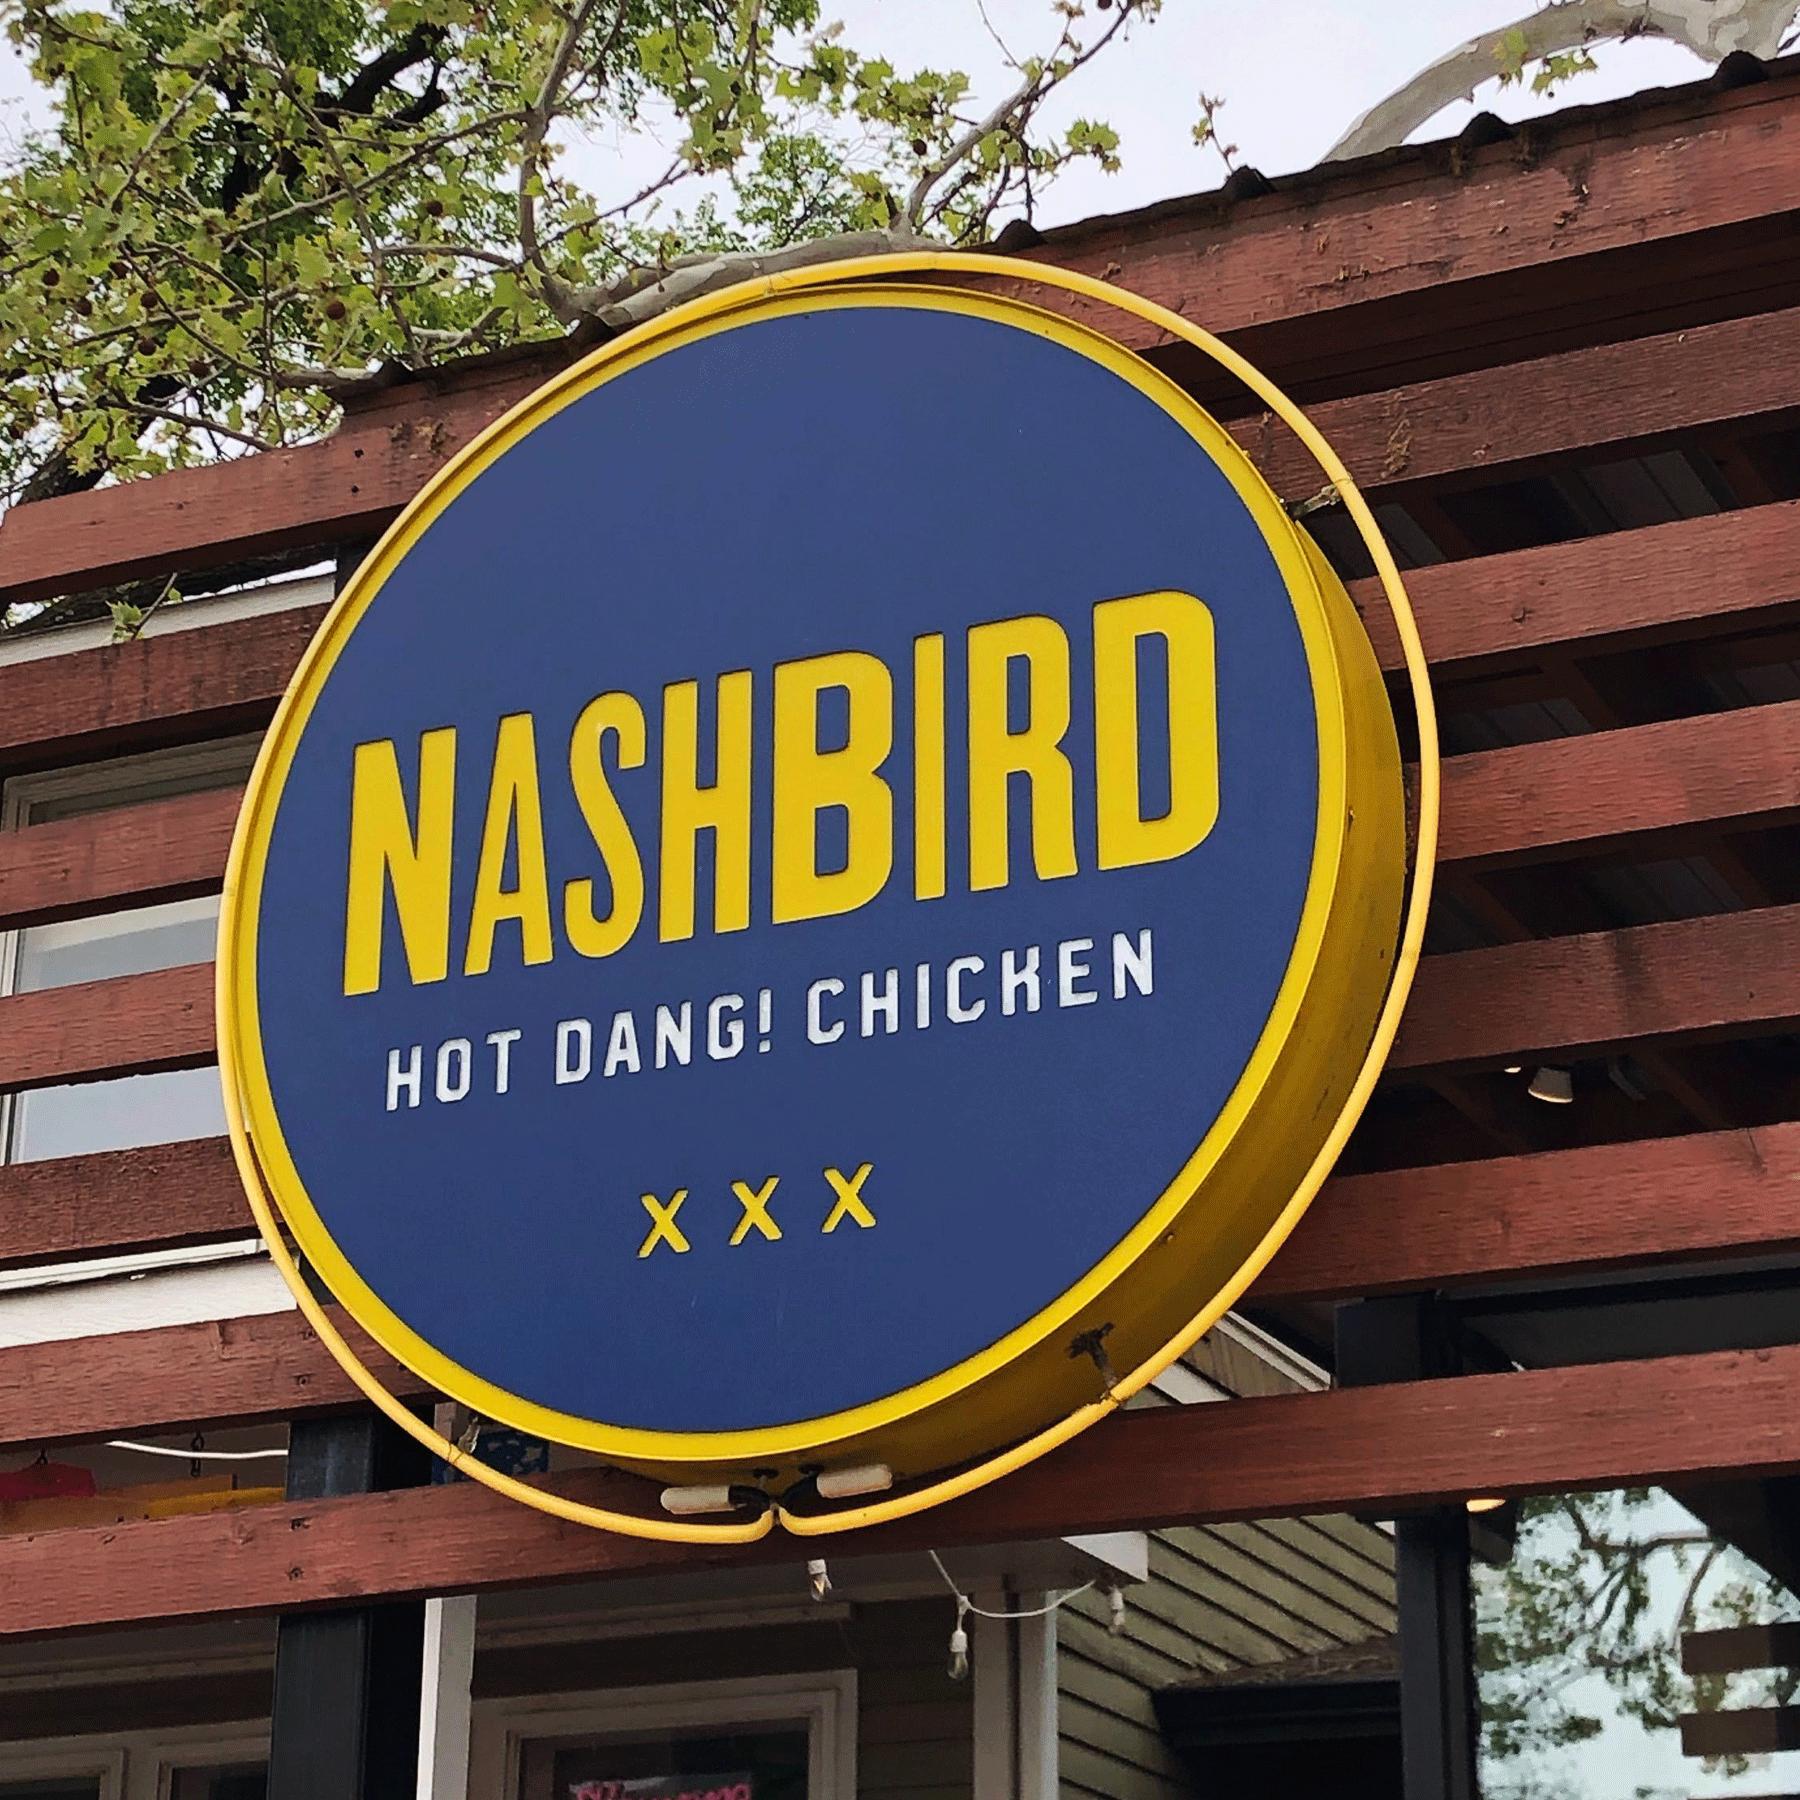 Nashbird